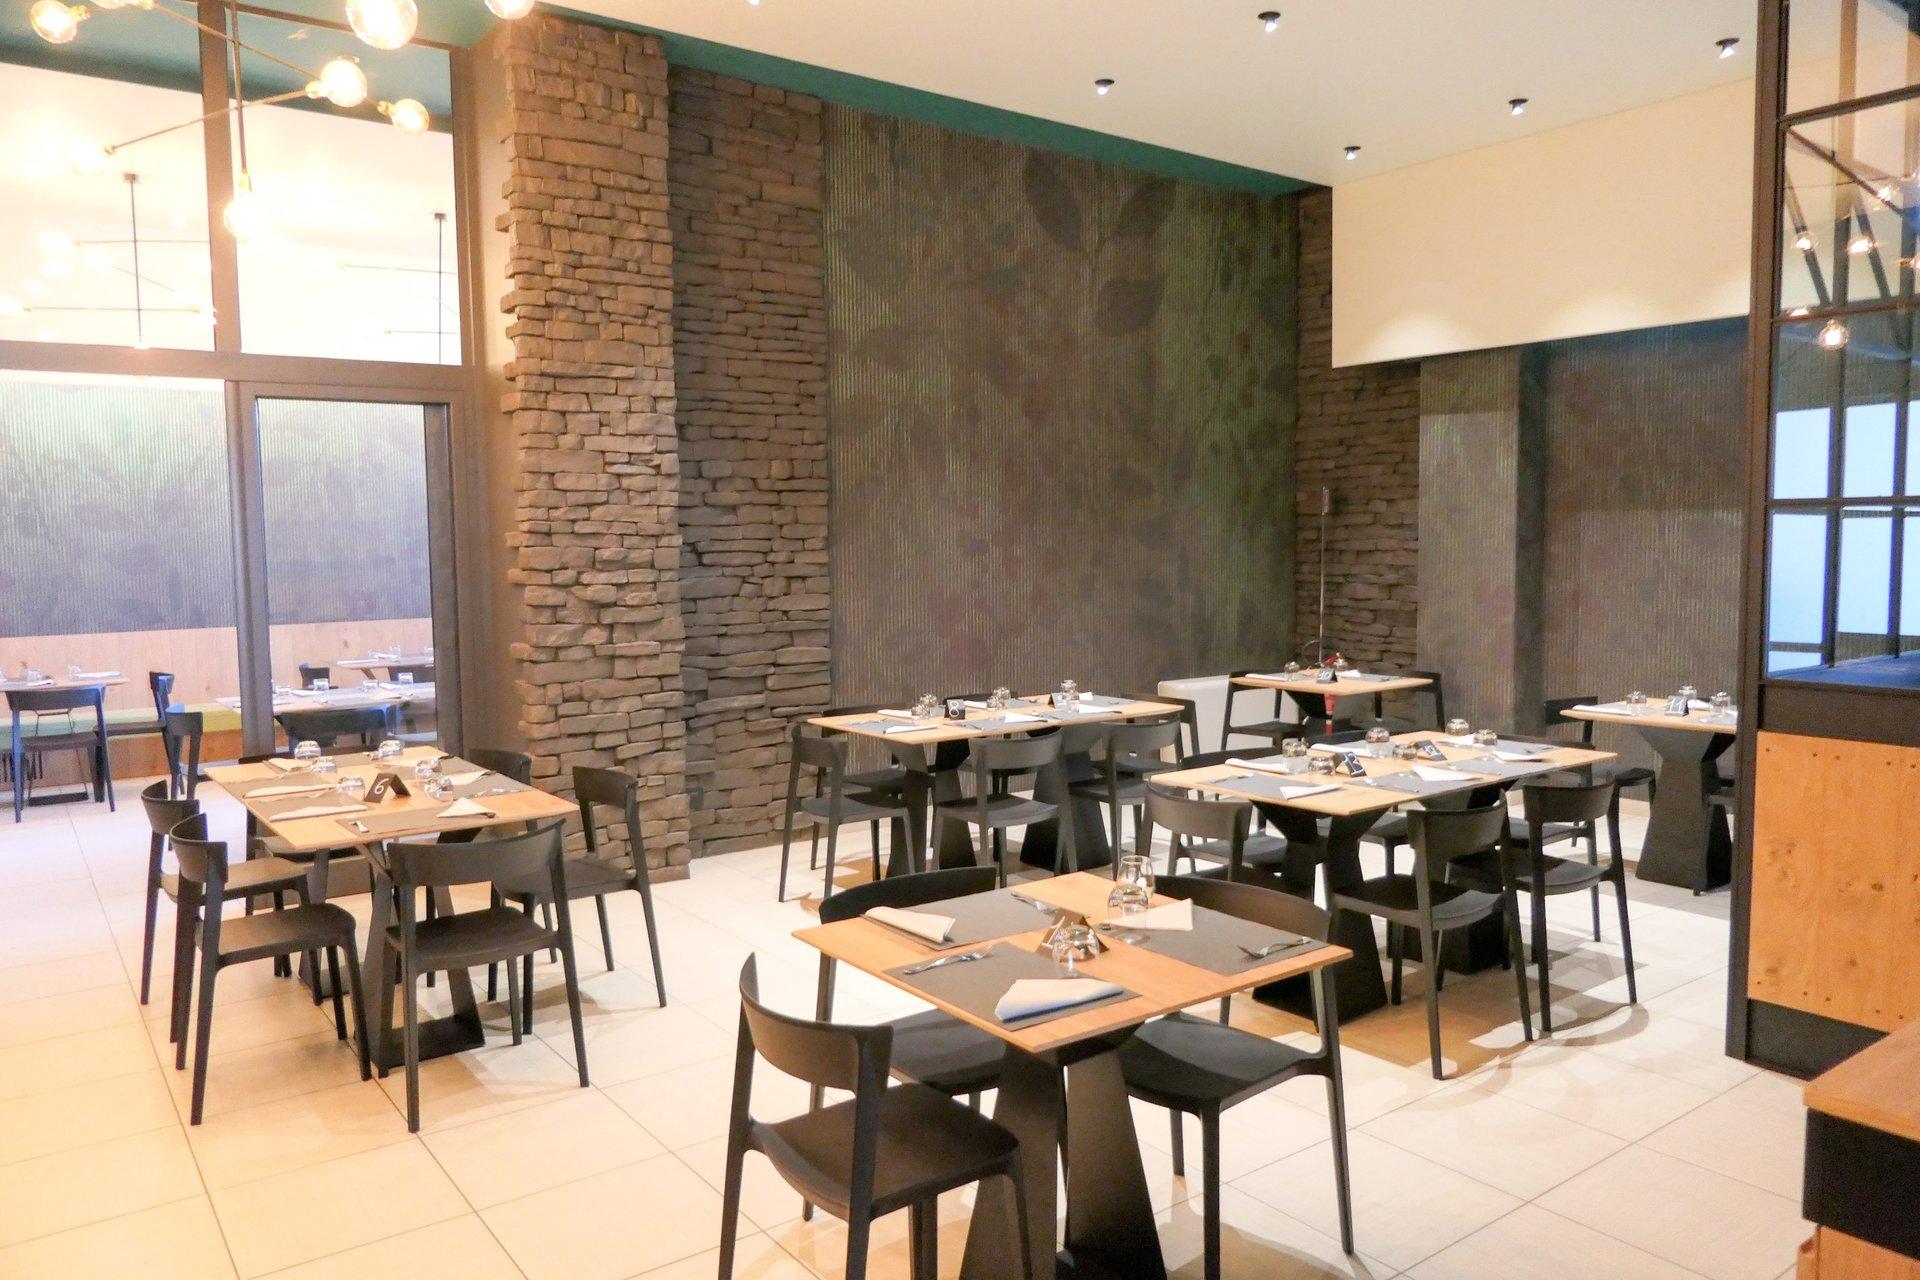 tavoli e sedie con muro verde e marrone